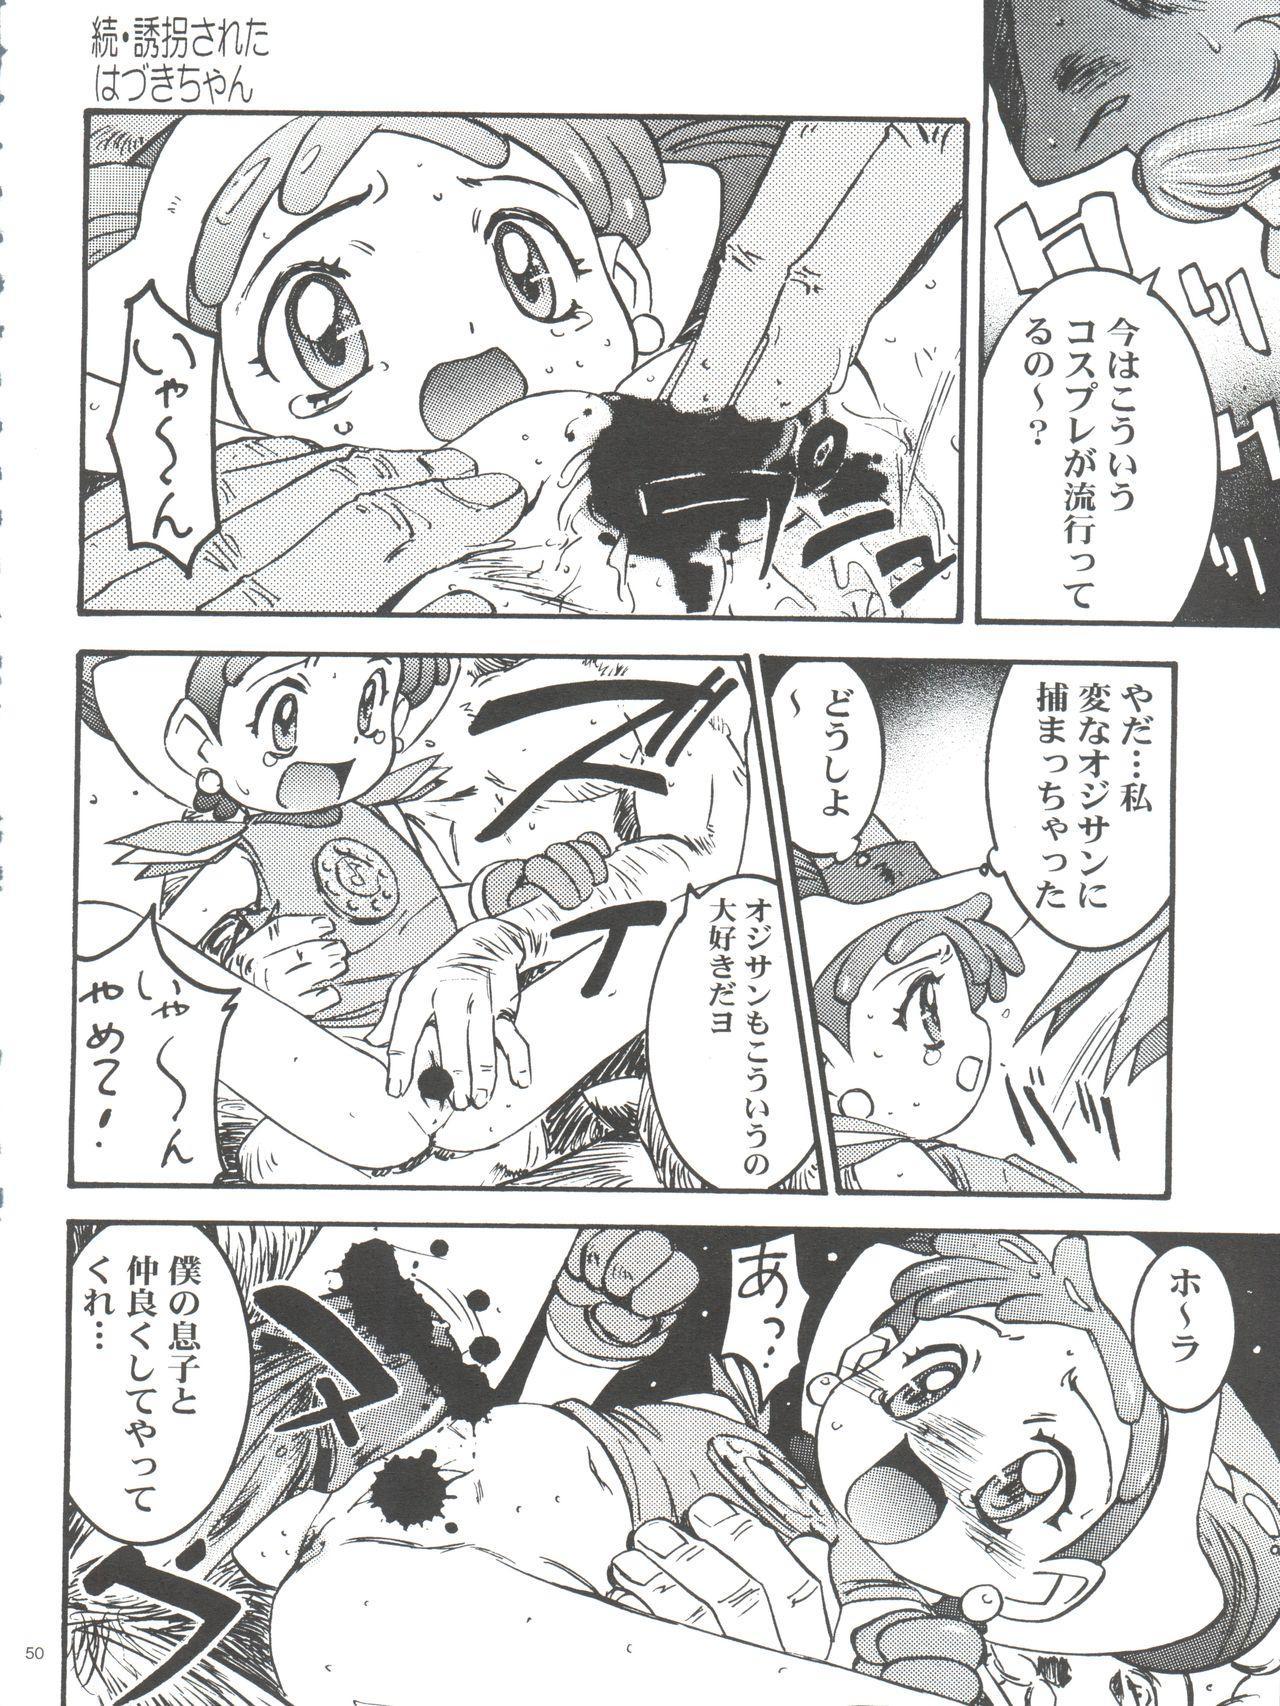 Wanpaku Anime Daihyakka Nanno Koto Jisensyuu Vol. 1 51